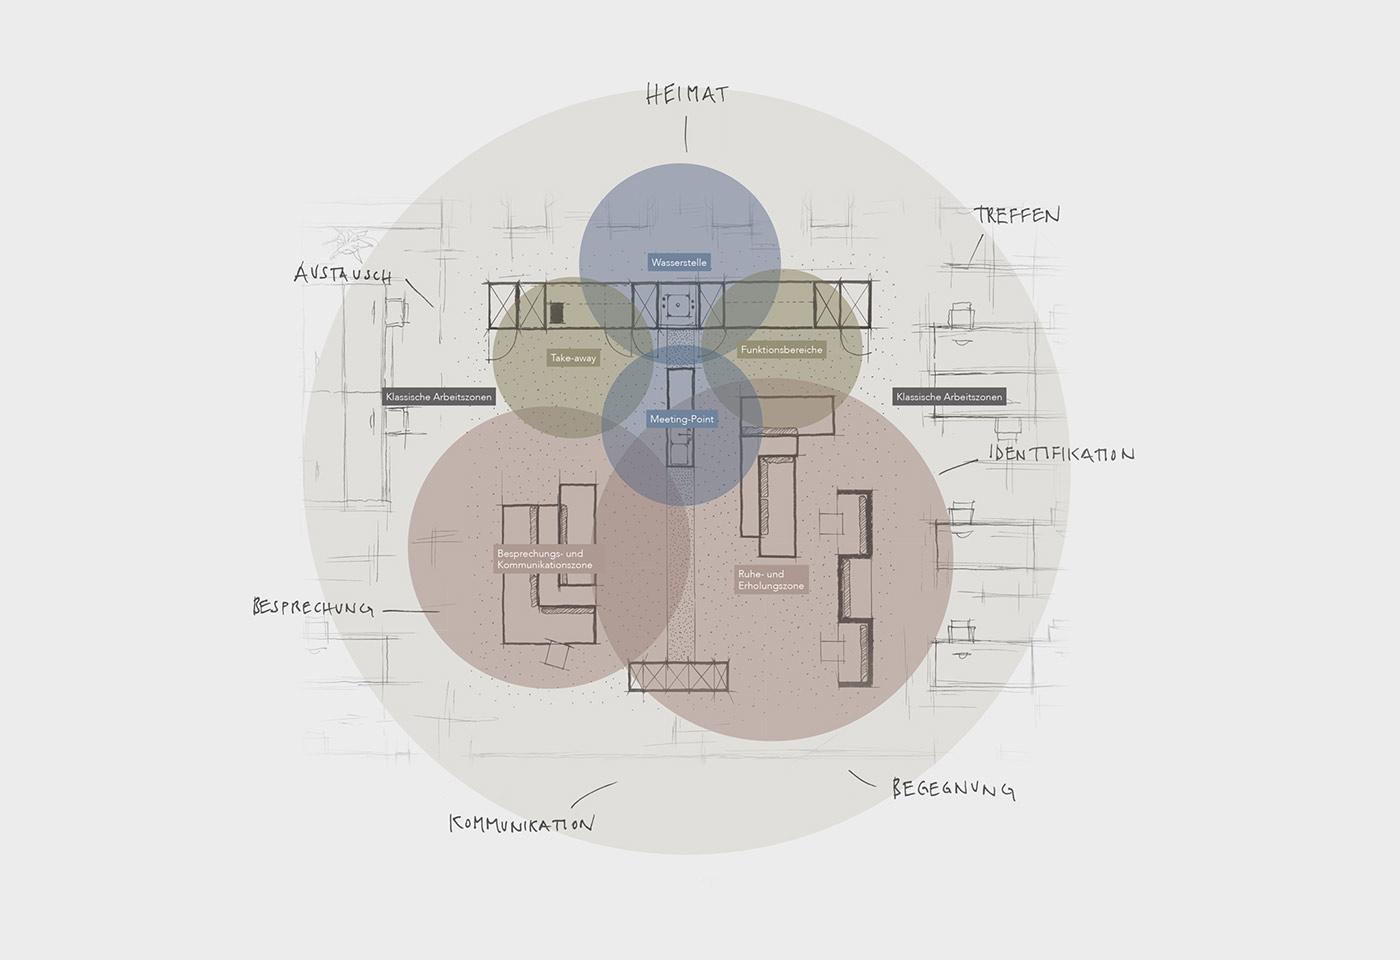 Die Küche im Mittelpunkt mit der Ergänzung durch multifunktionale Bereiche für die Arbeit, die Erholung und die Besprechung.